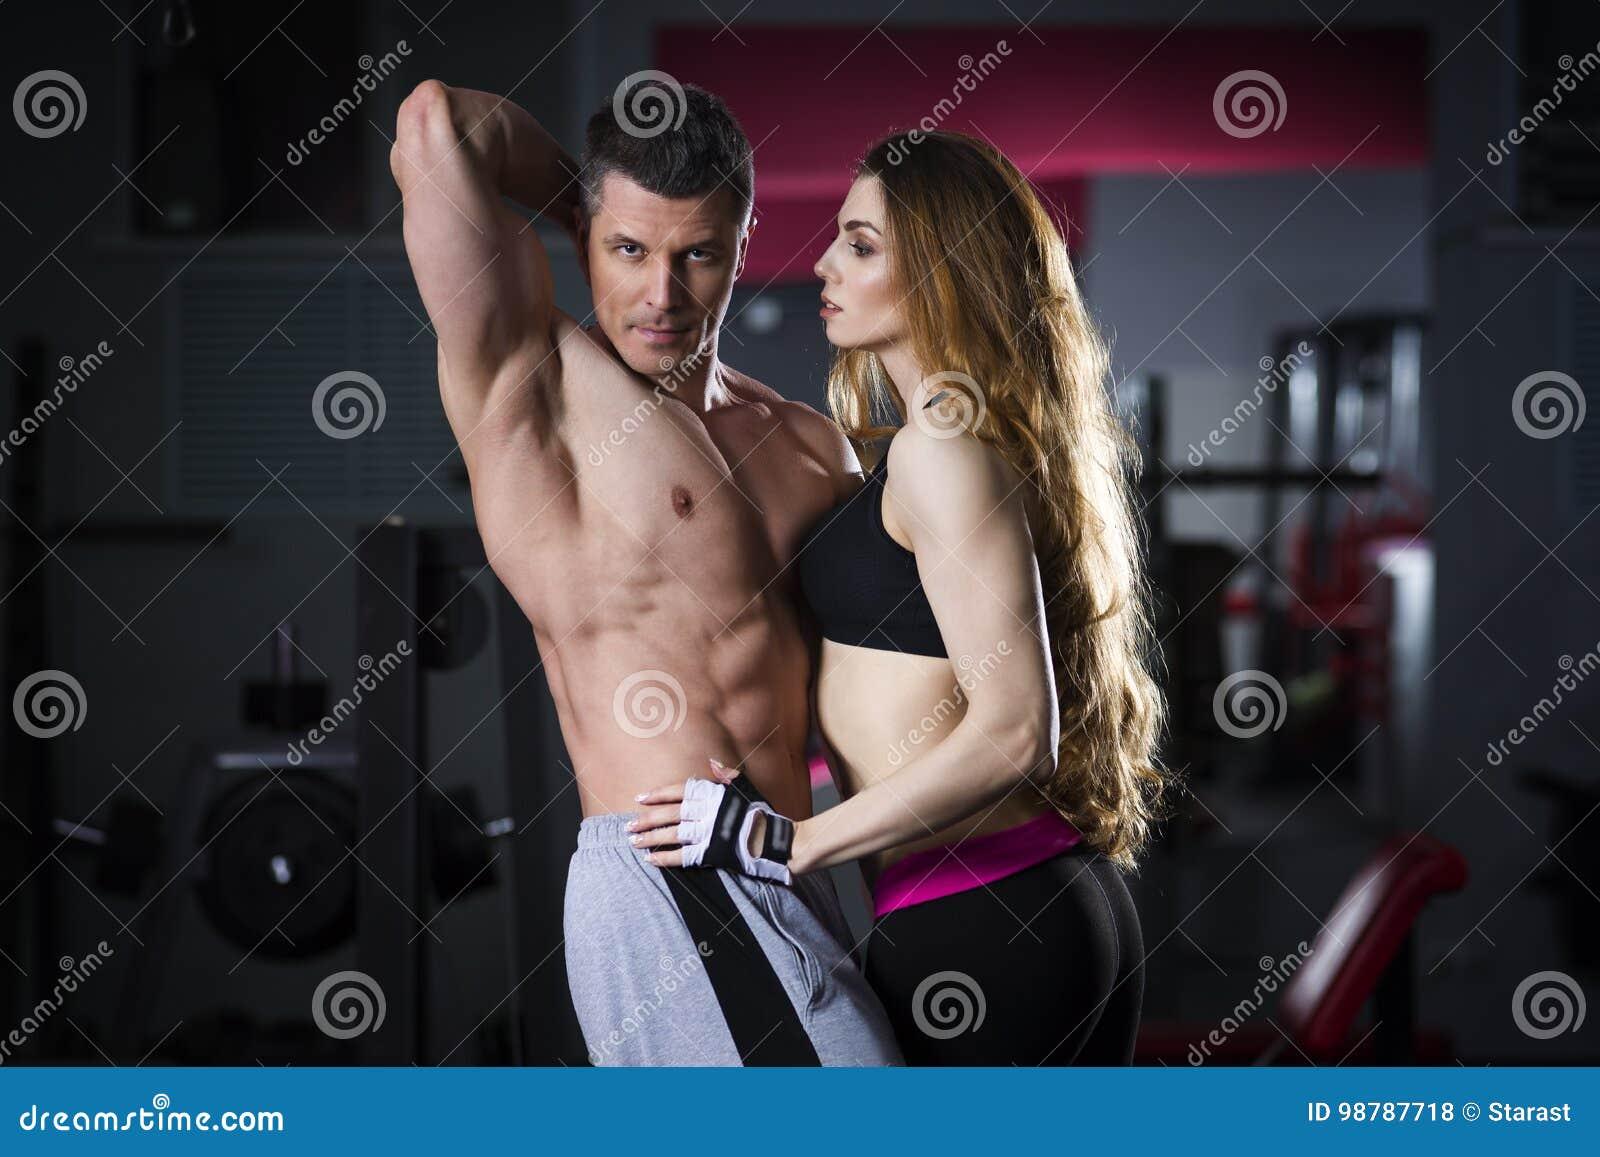 atletische lichaam type dating site